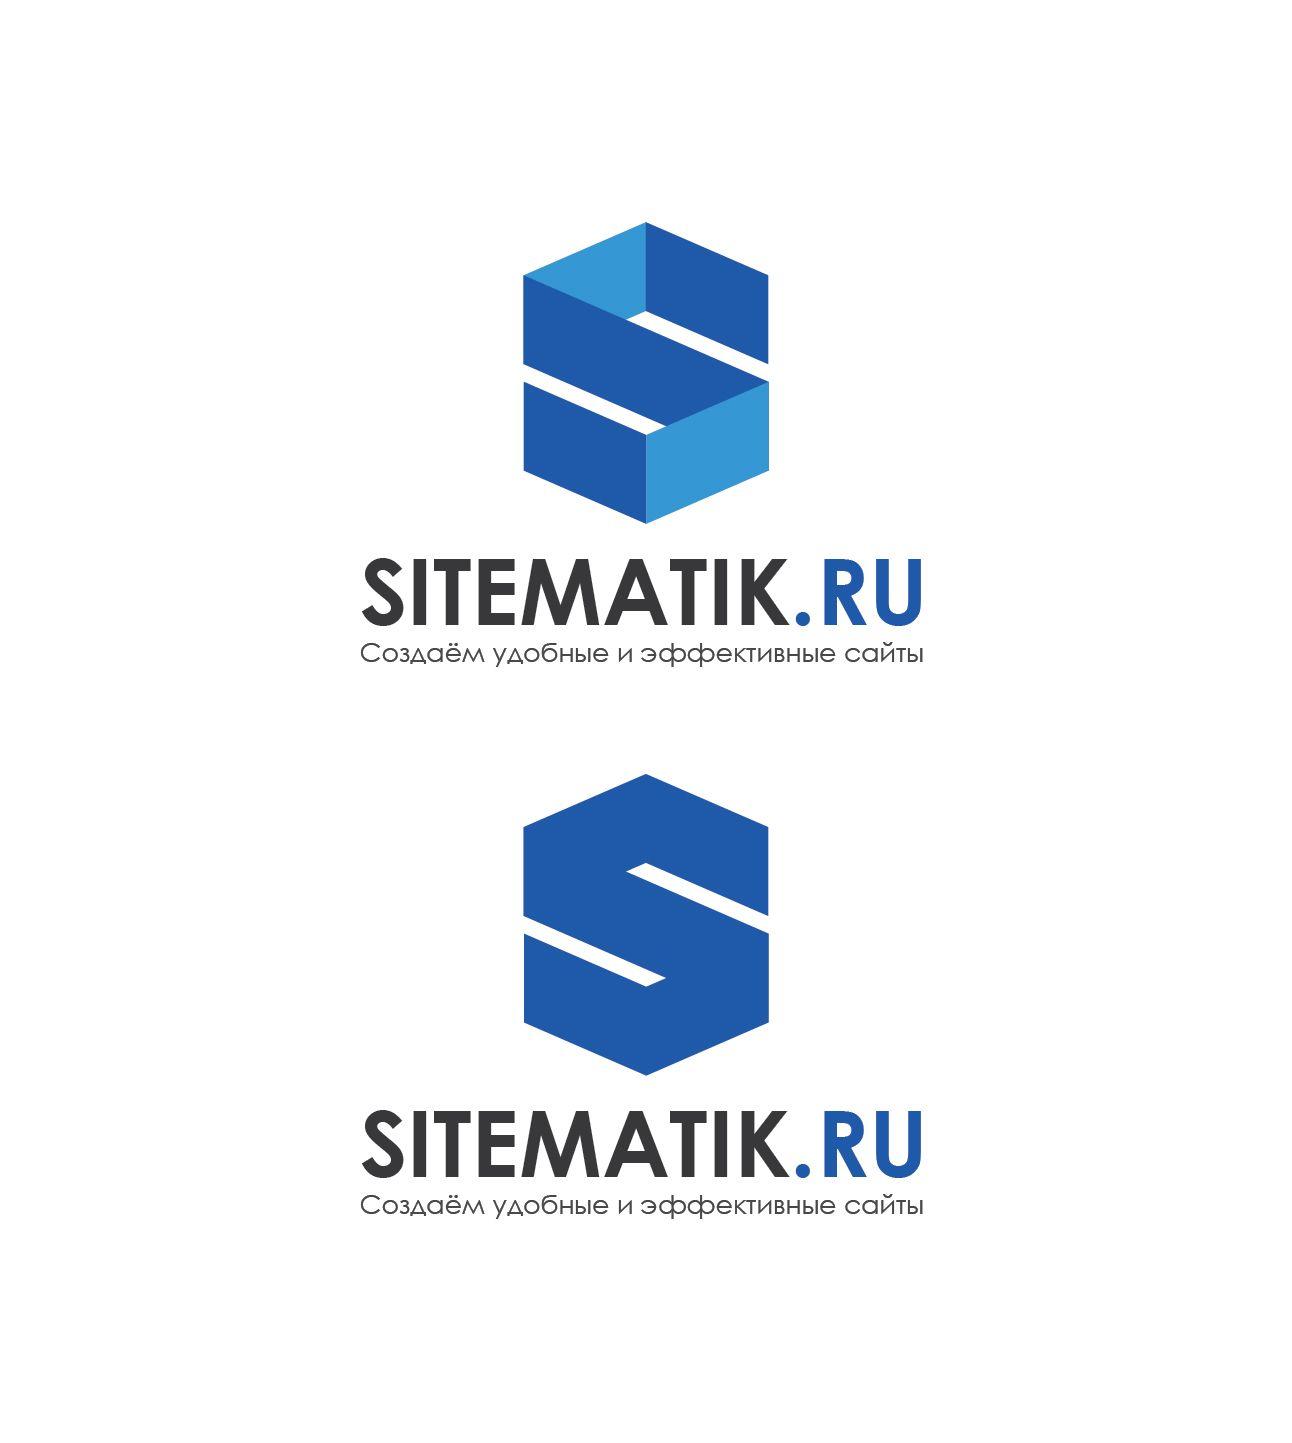 Логотип для Веб-студии - дизайнер andyul